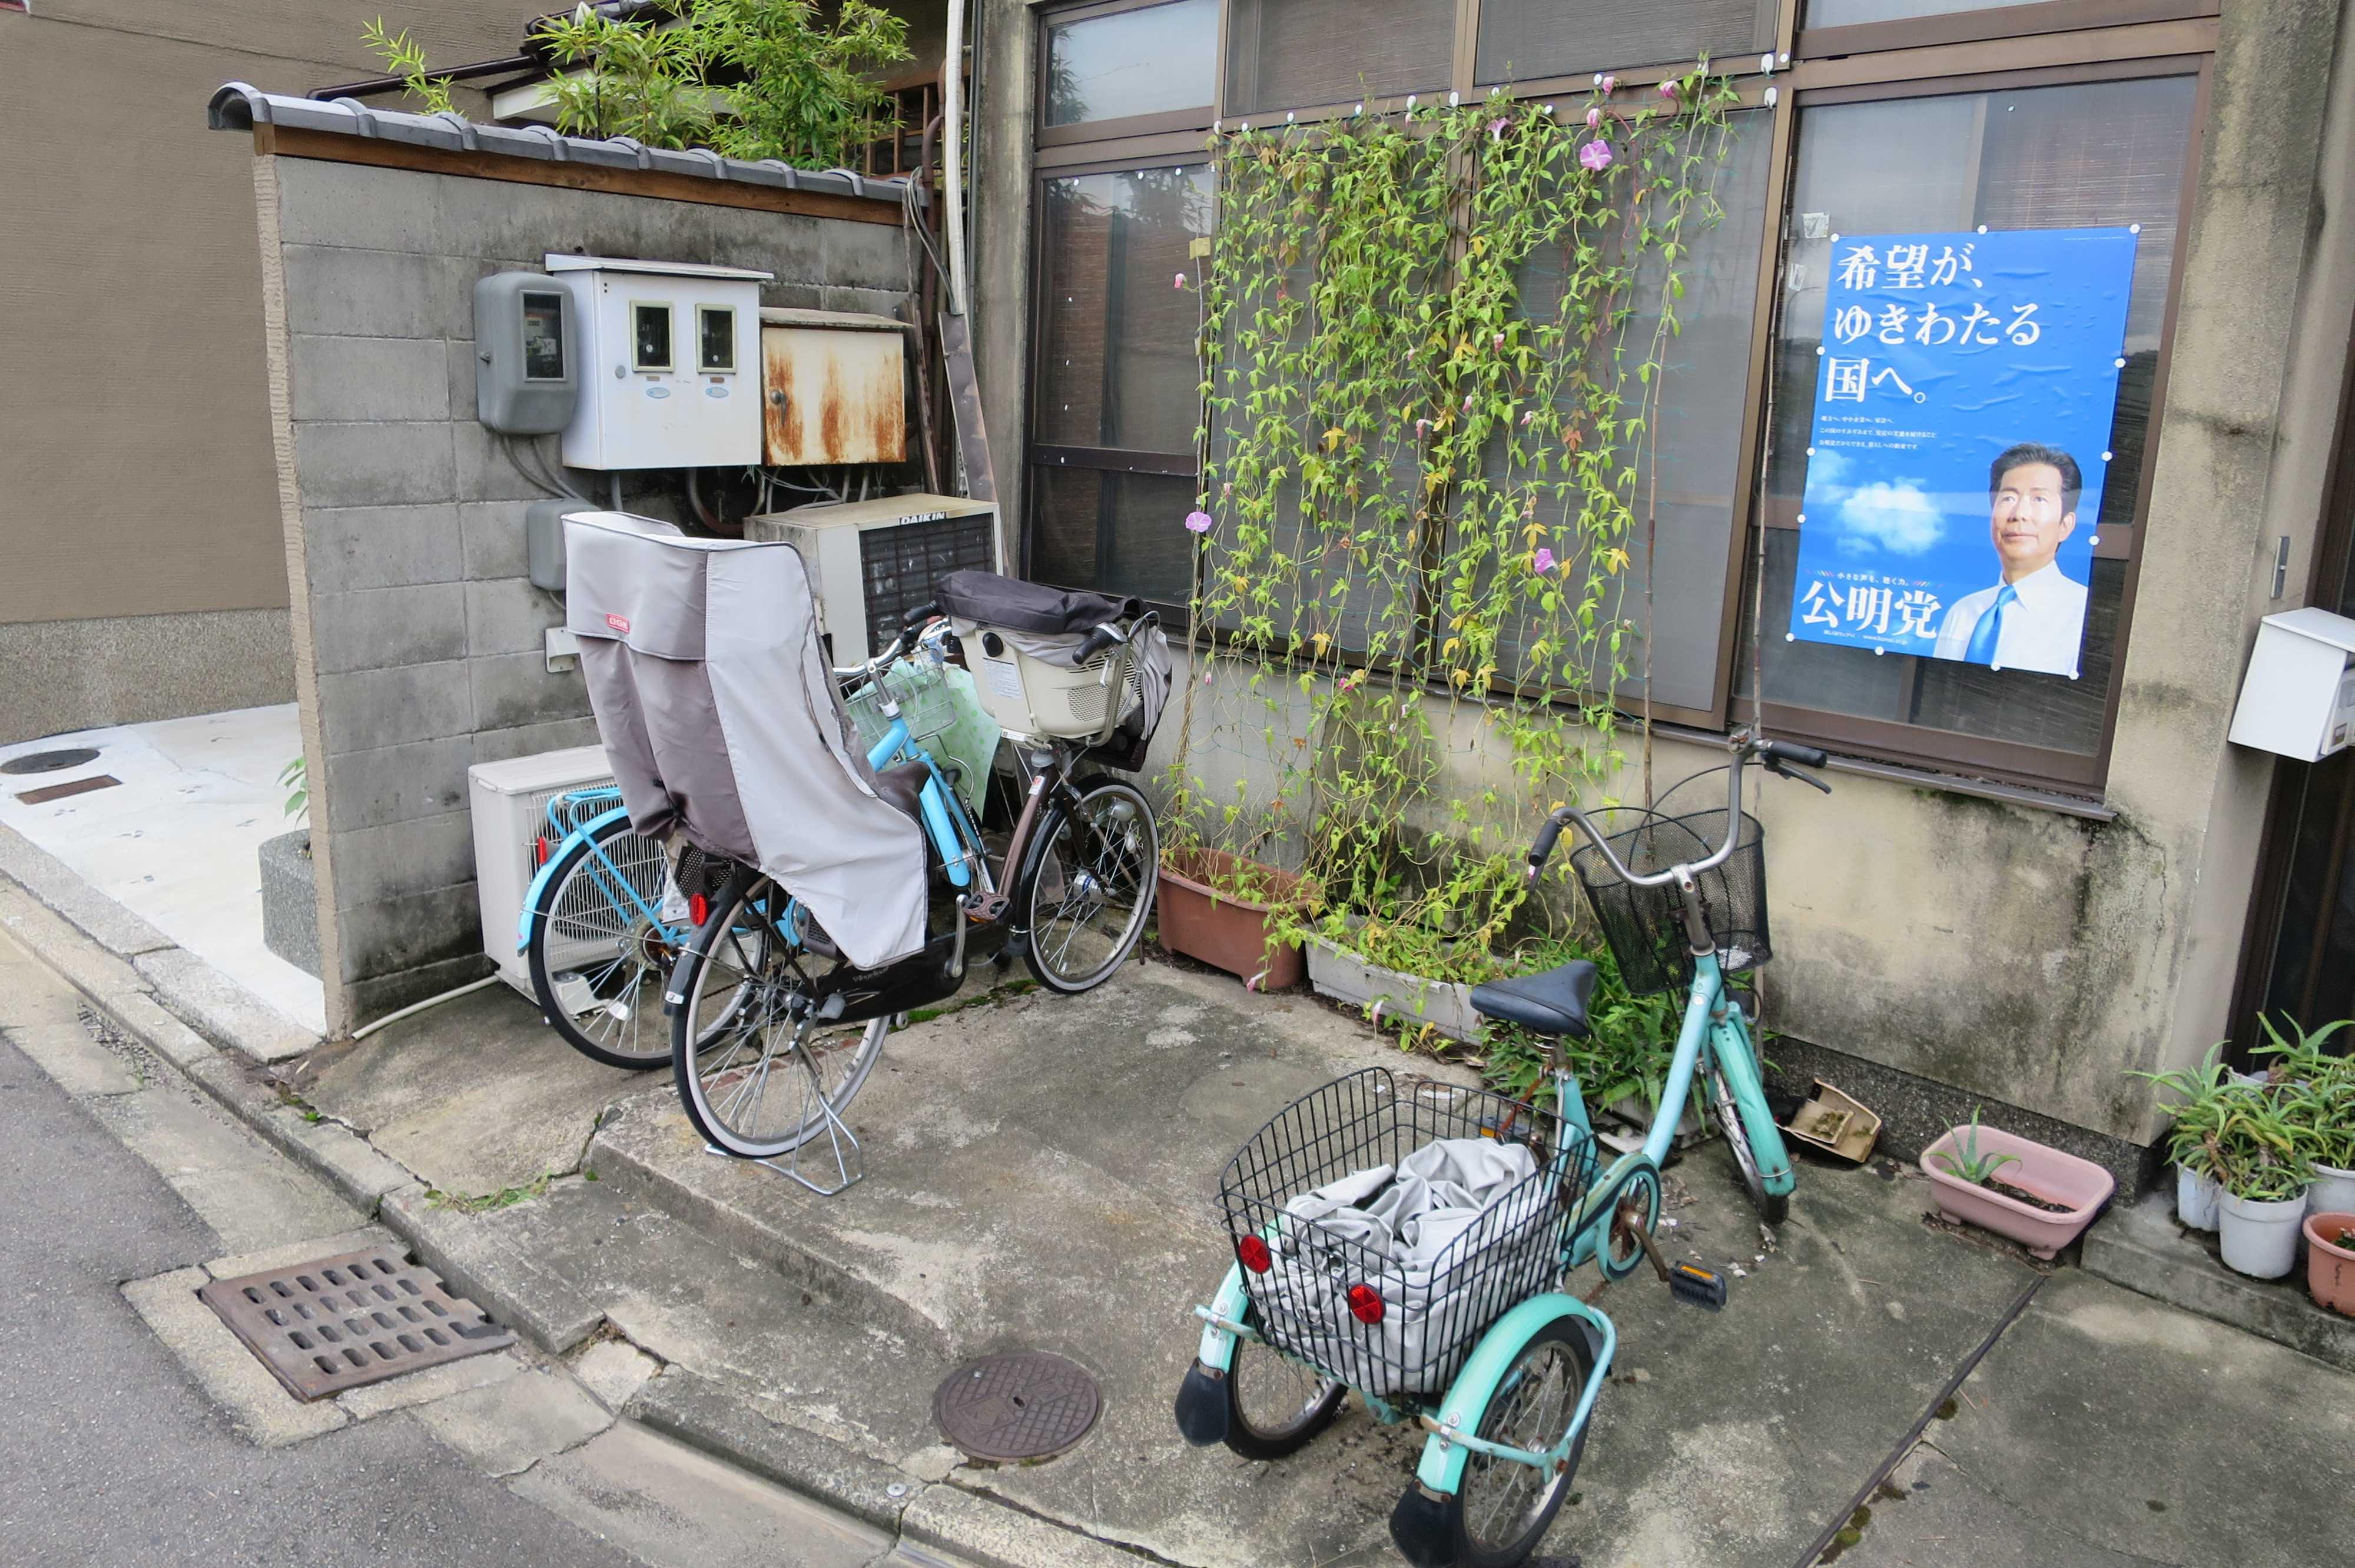 京都・五条 - 路地裏の表情